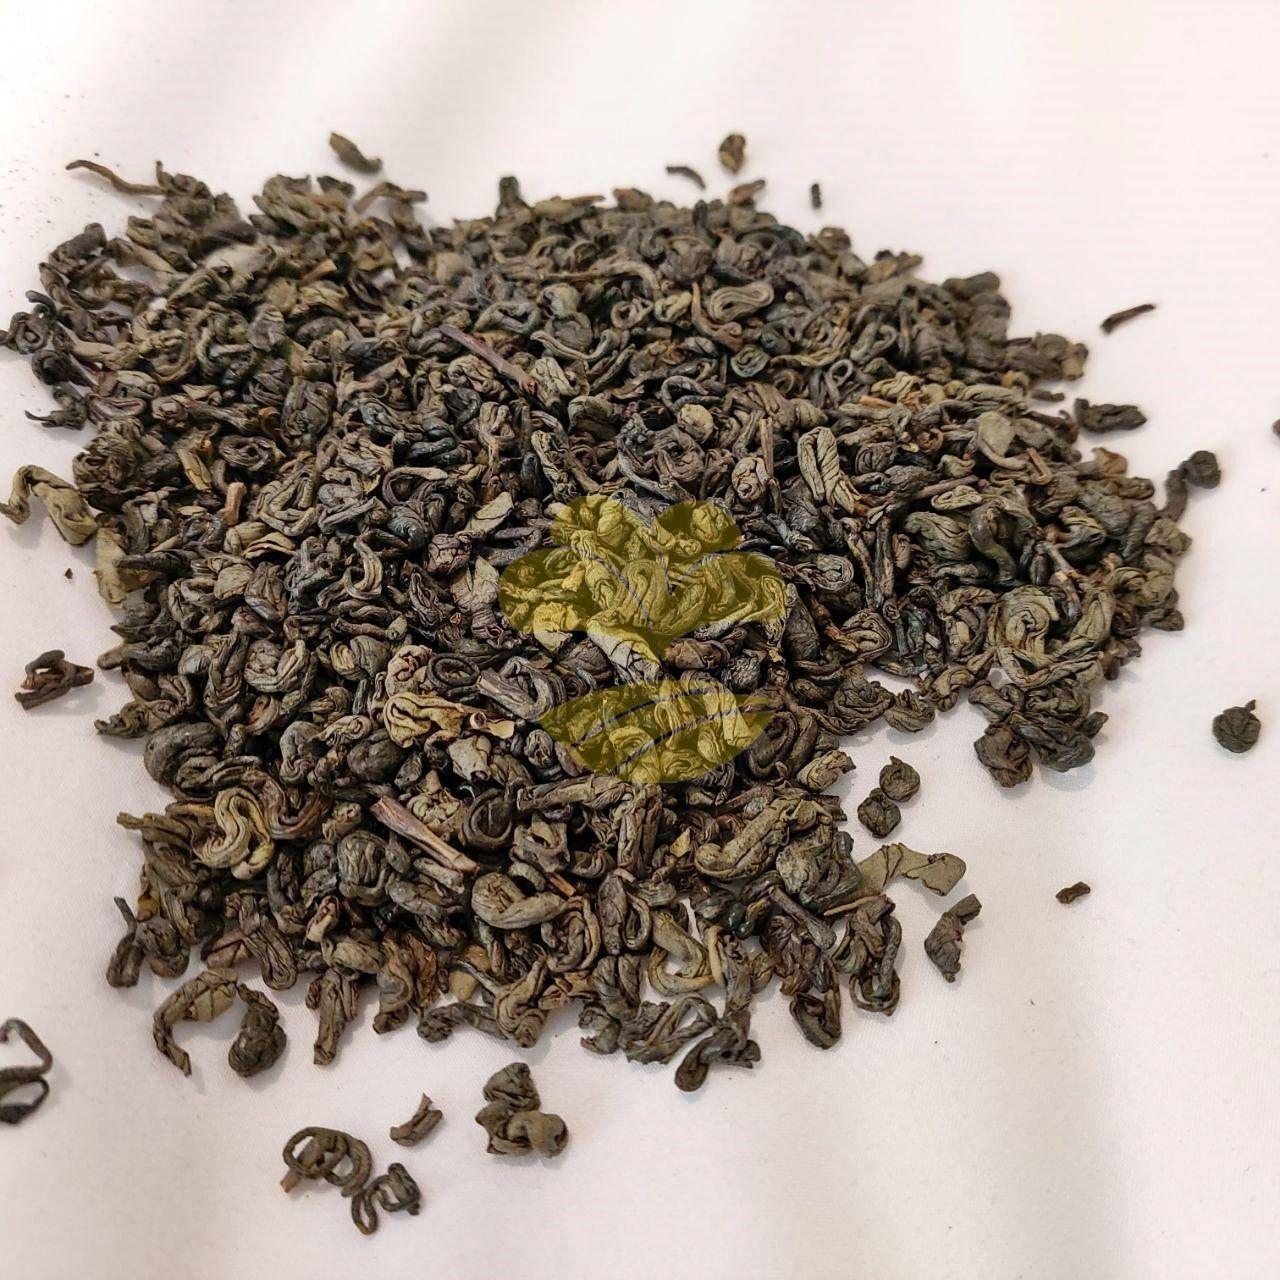 Gunpowder Gp Tea Manufacture Wholesale Factory Indonesia Buy Gunpowder Tea Online Gunpowder Organic Tea G Gunpowder Green Tea Gunpowder Gunpowder Green